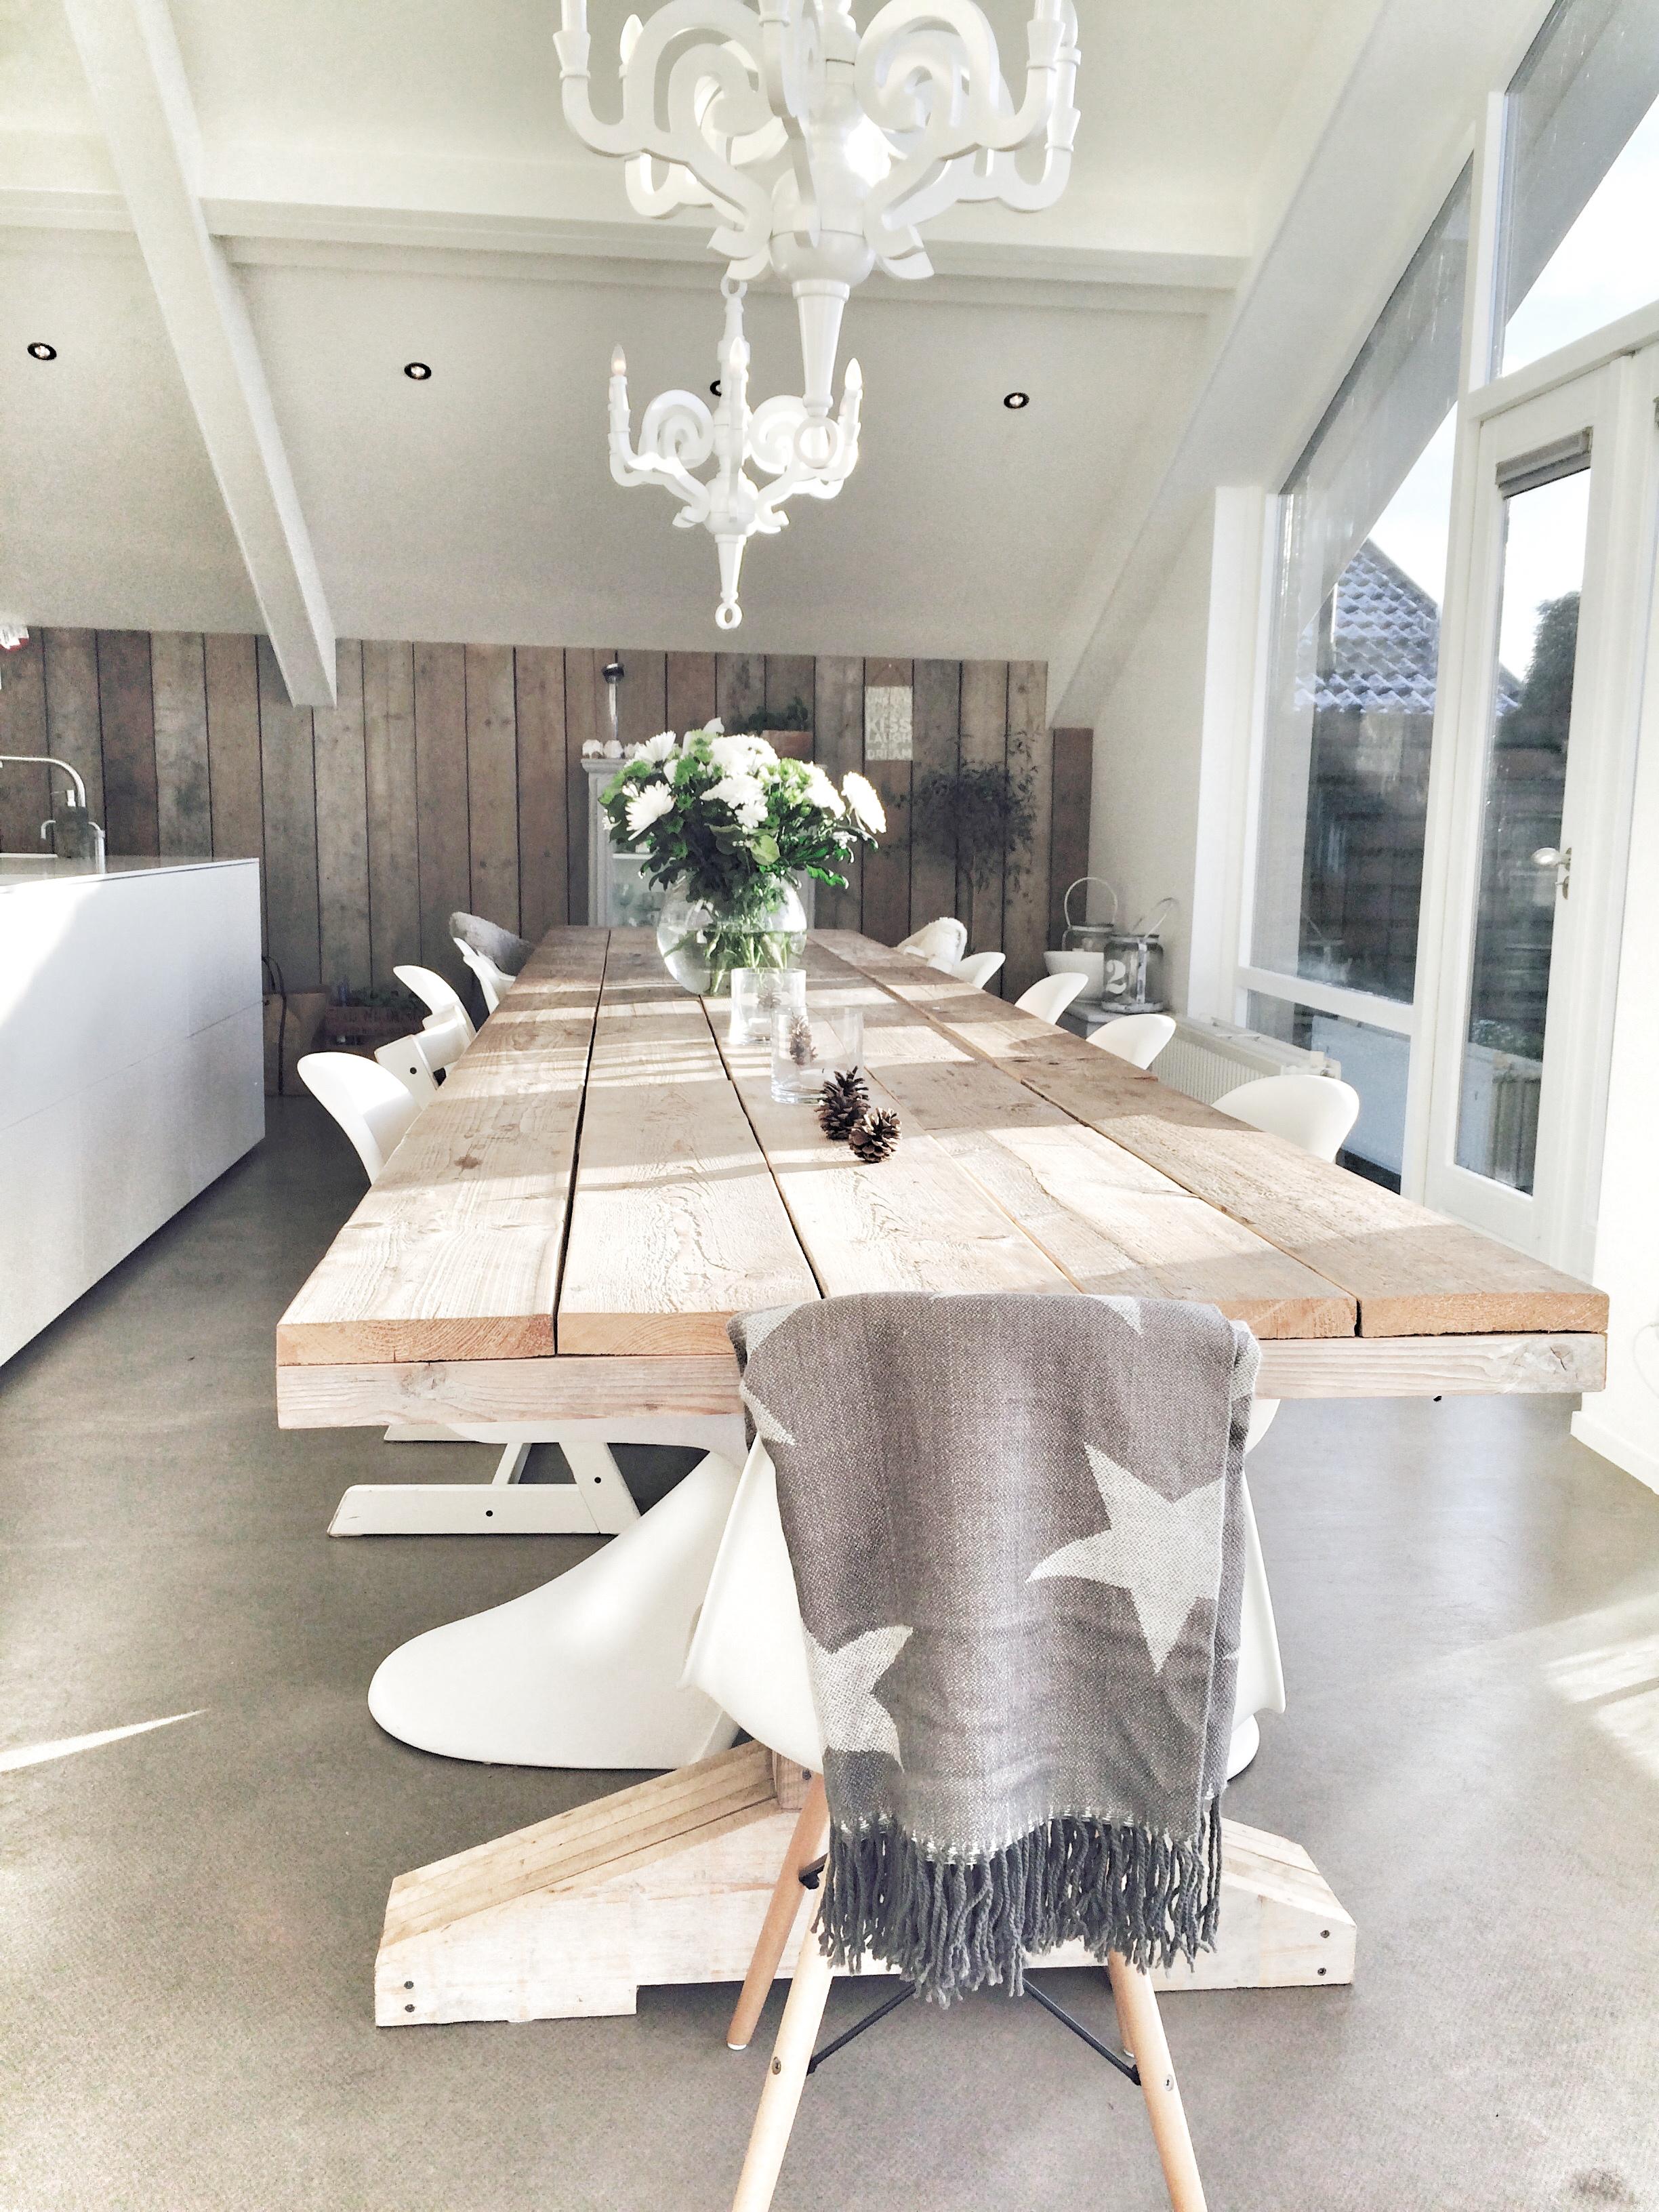 stoere tafel van oud steigerhout, lengte is 5 meter